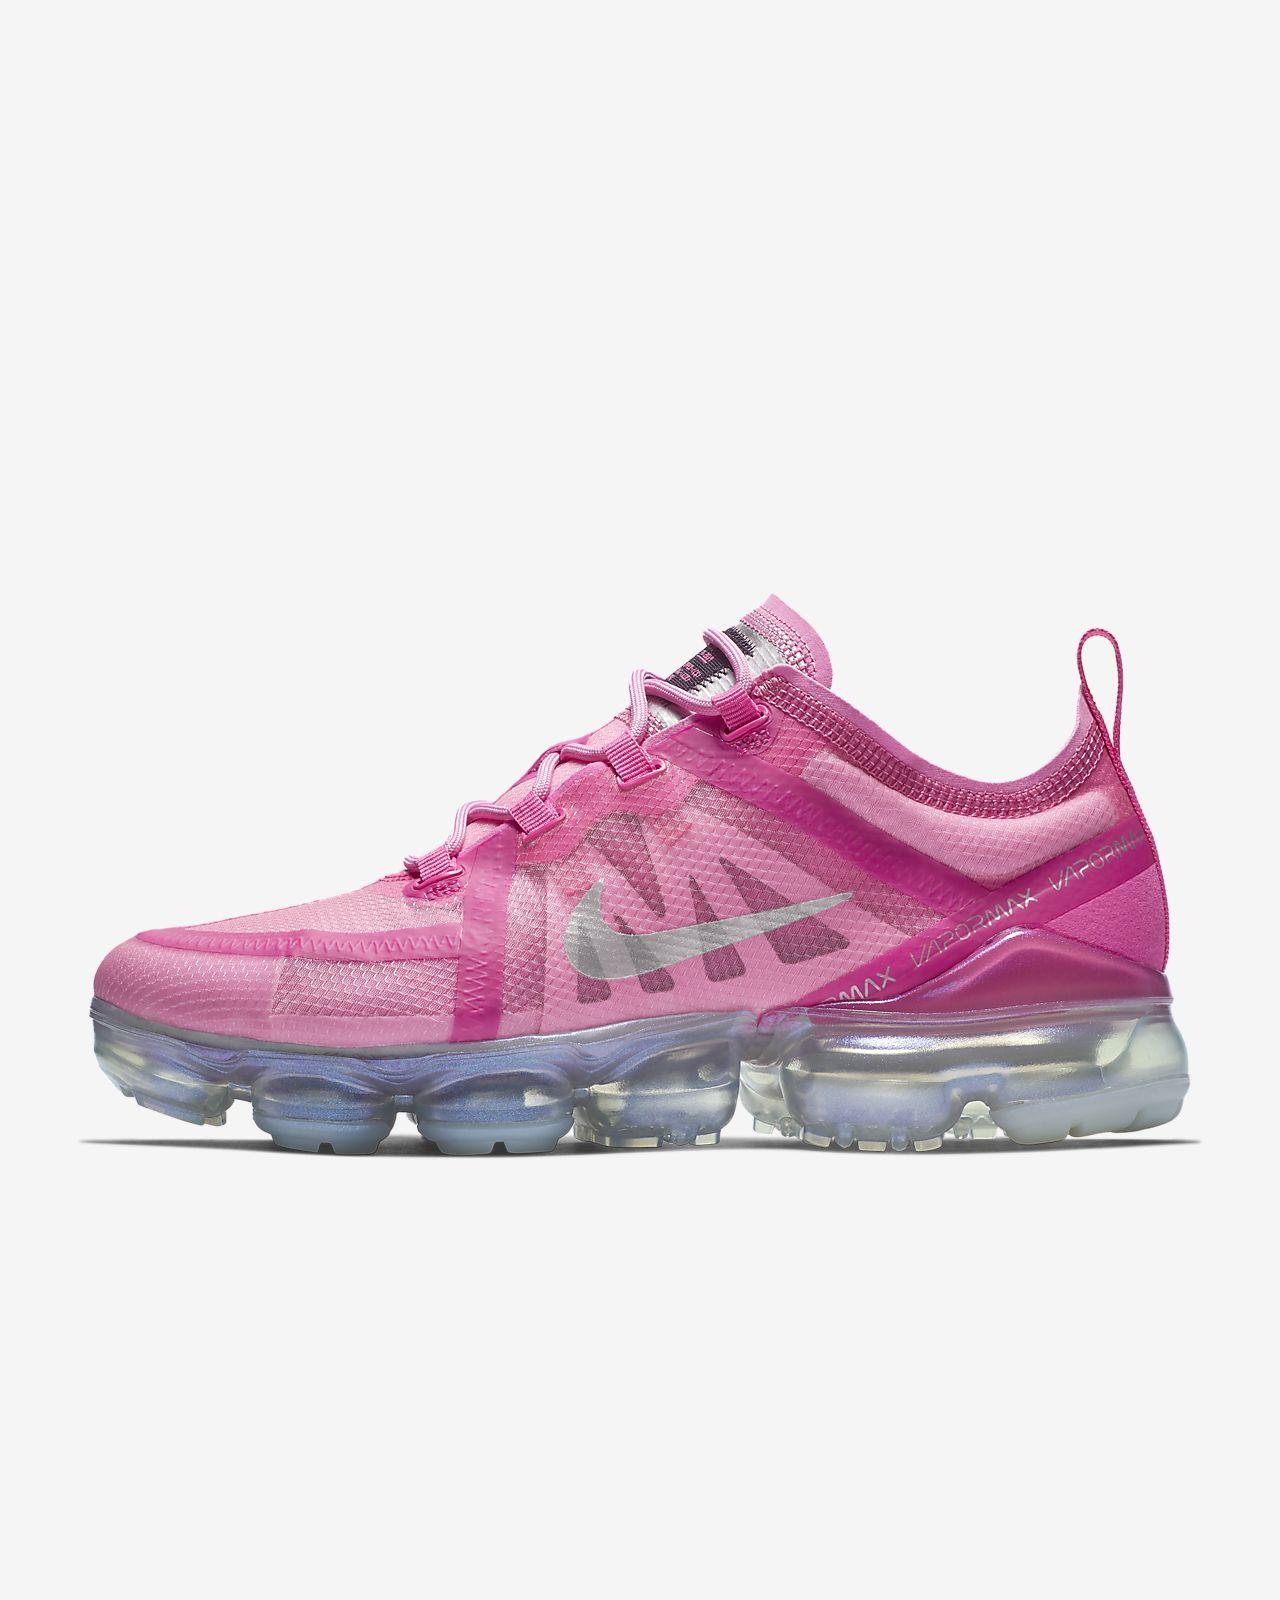 d3695a868b2 Nike Air VaporMax 2019 Women s Shoe. Nike.com CH